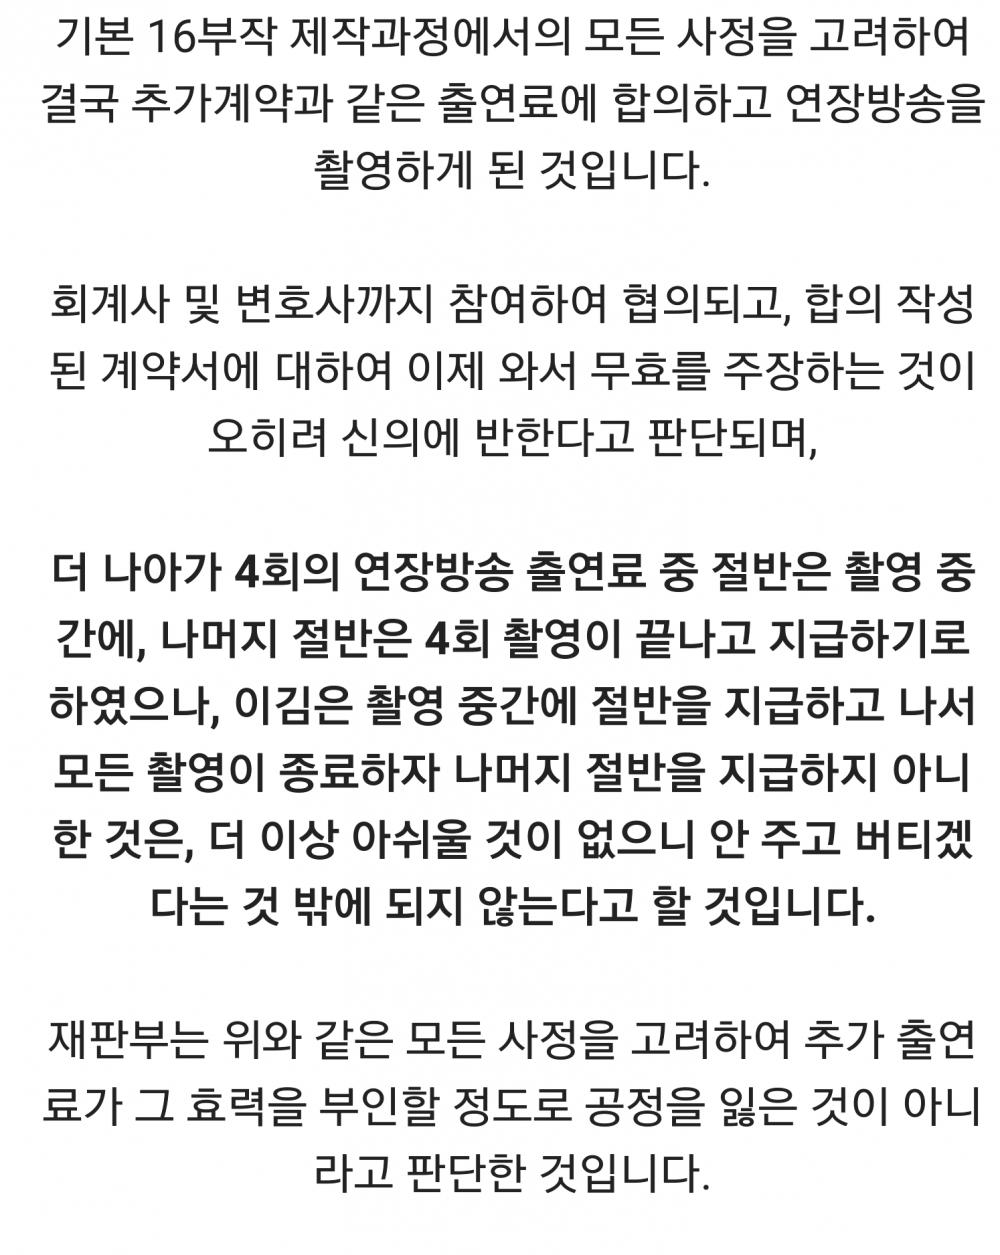 박신영4.png 박신양이 출연정지 당했던 사건.jpg